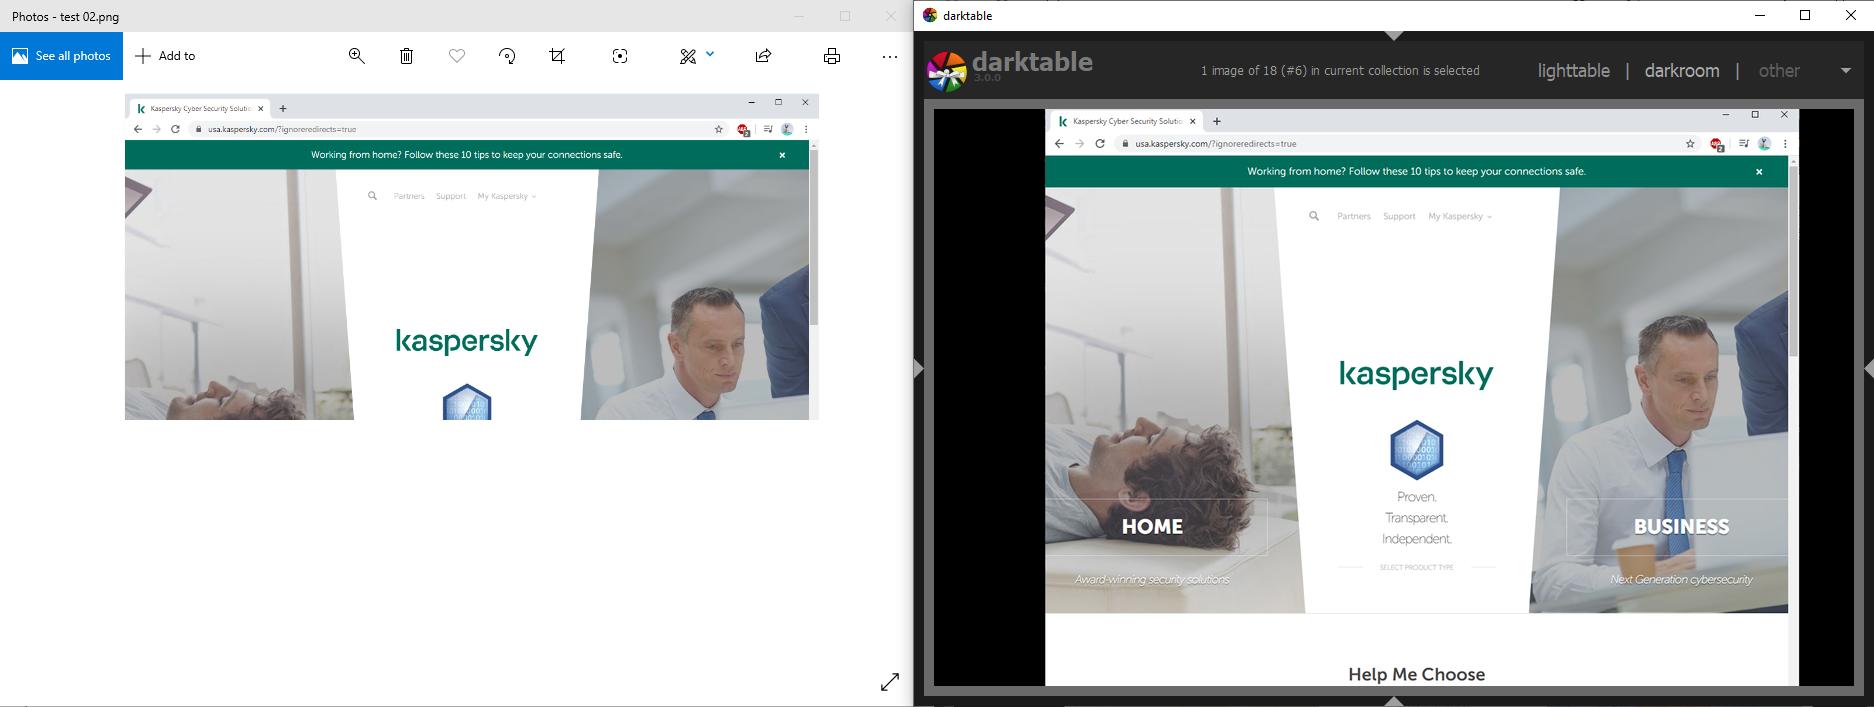 使用不同的应用打开同一张图片。图片的下半部分是一个隐藏图层,但用darktable就能看到它。